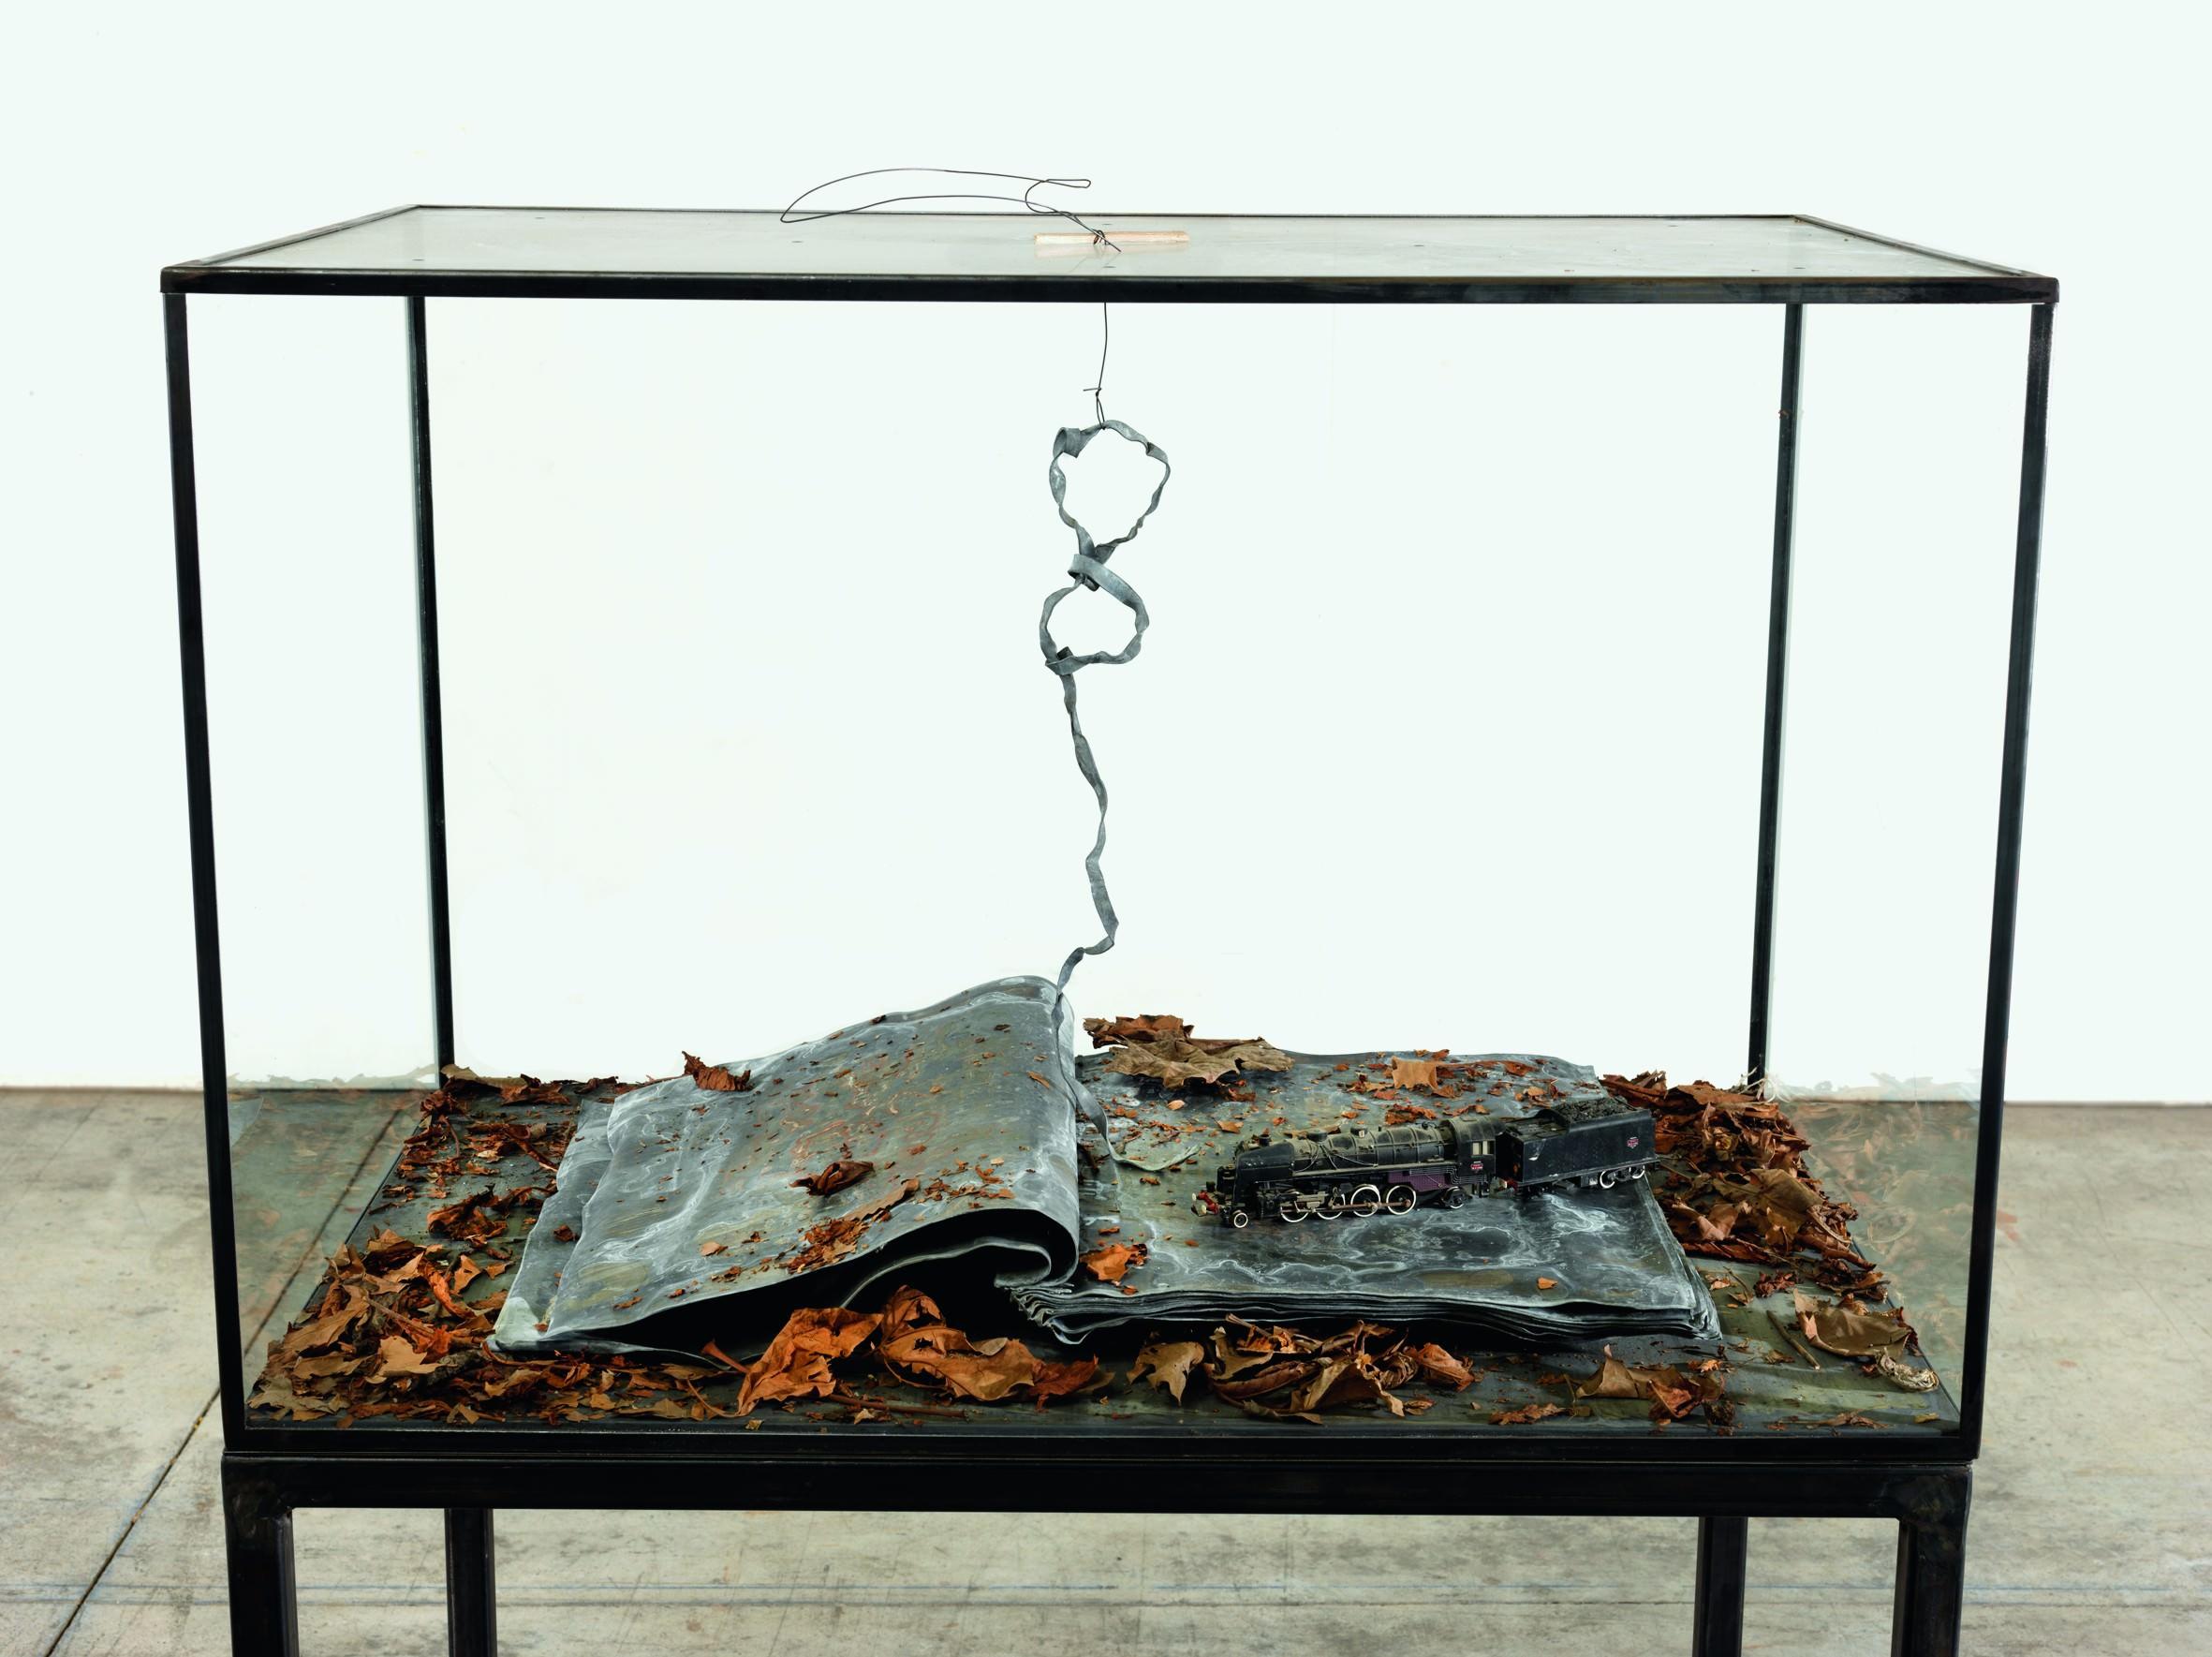 Ouroboros(2014), verre, métal, plomb, feuilles séchées et plastique, 132 x 90 x 60 cm. Collection particulière Photo : © Georges Poncet